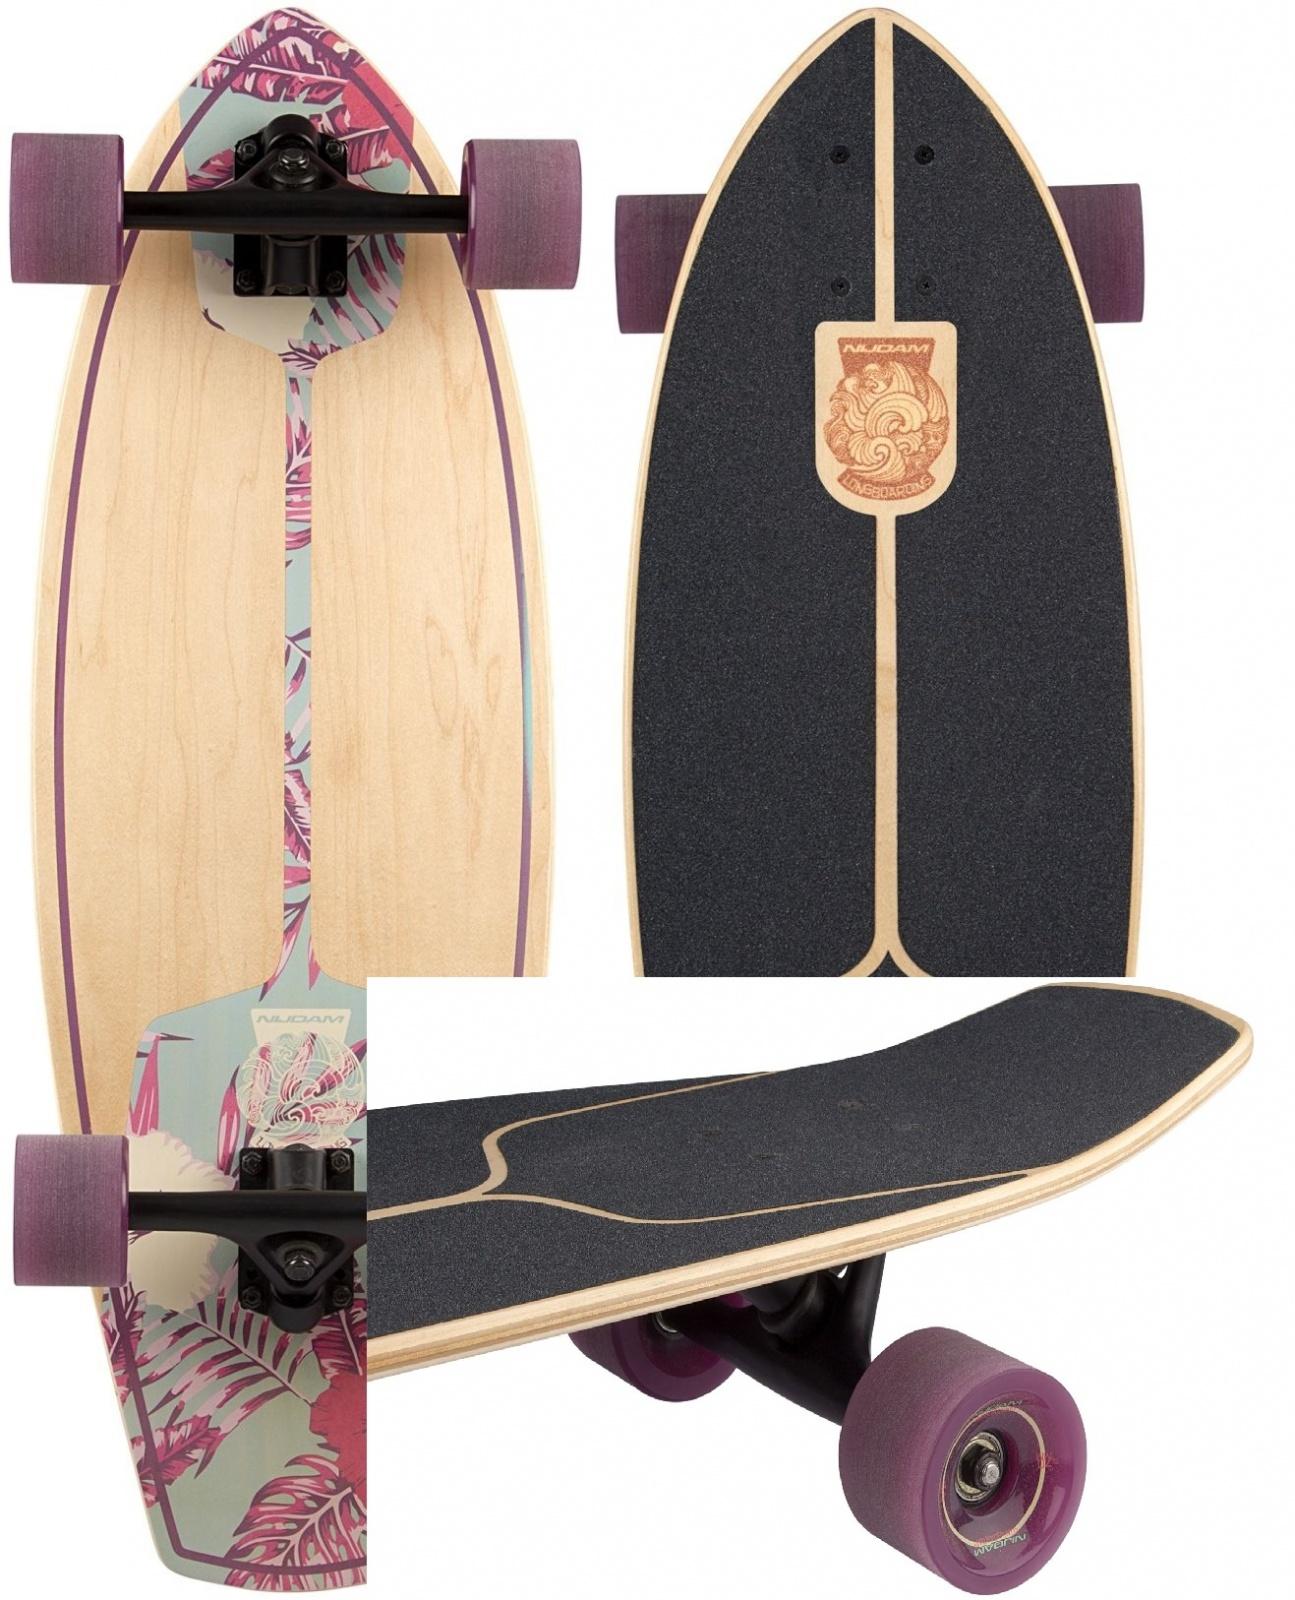 Kicktail longboard